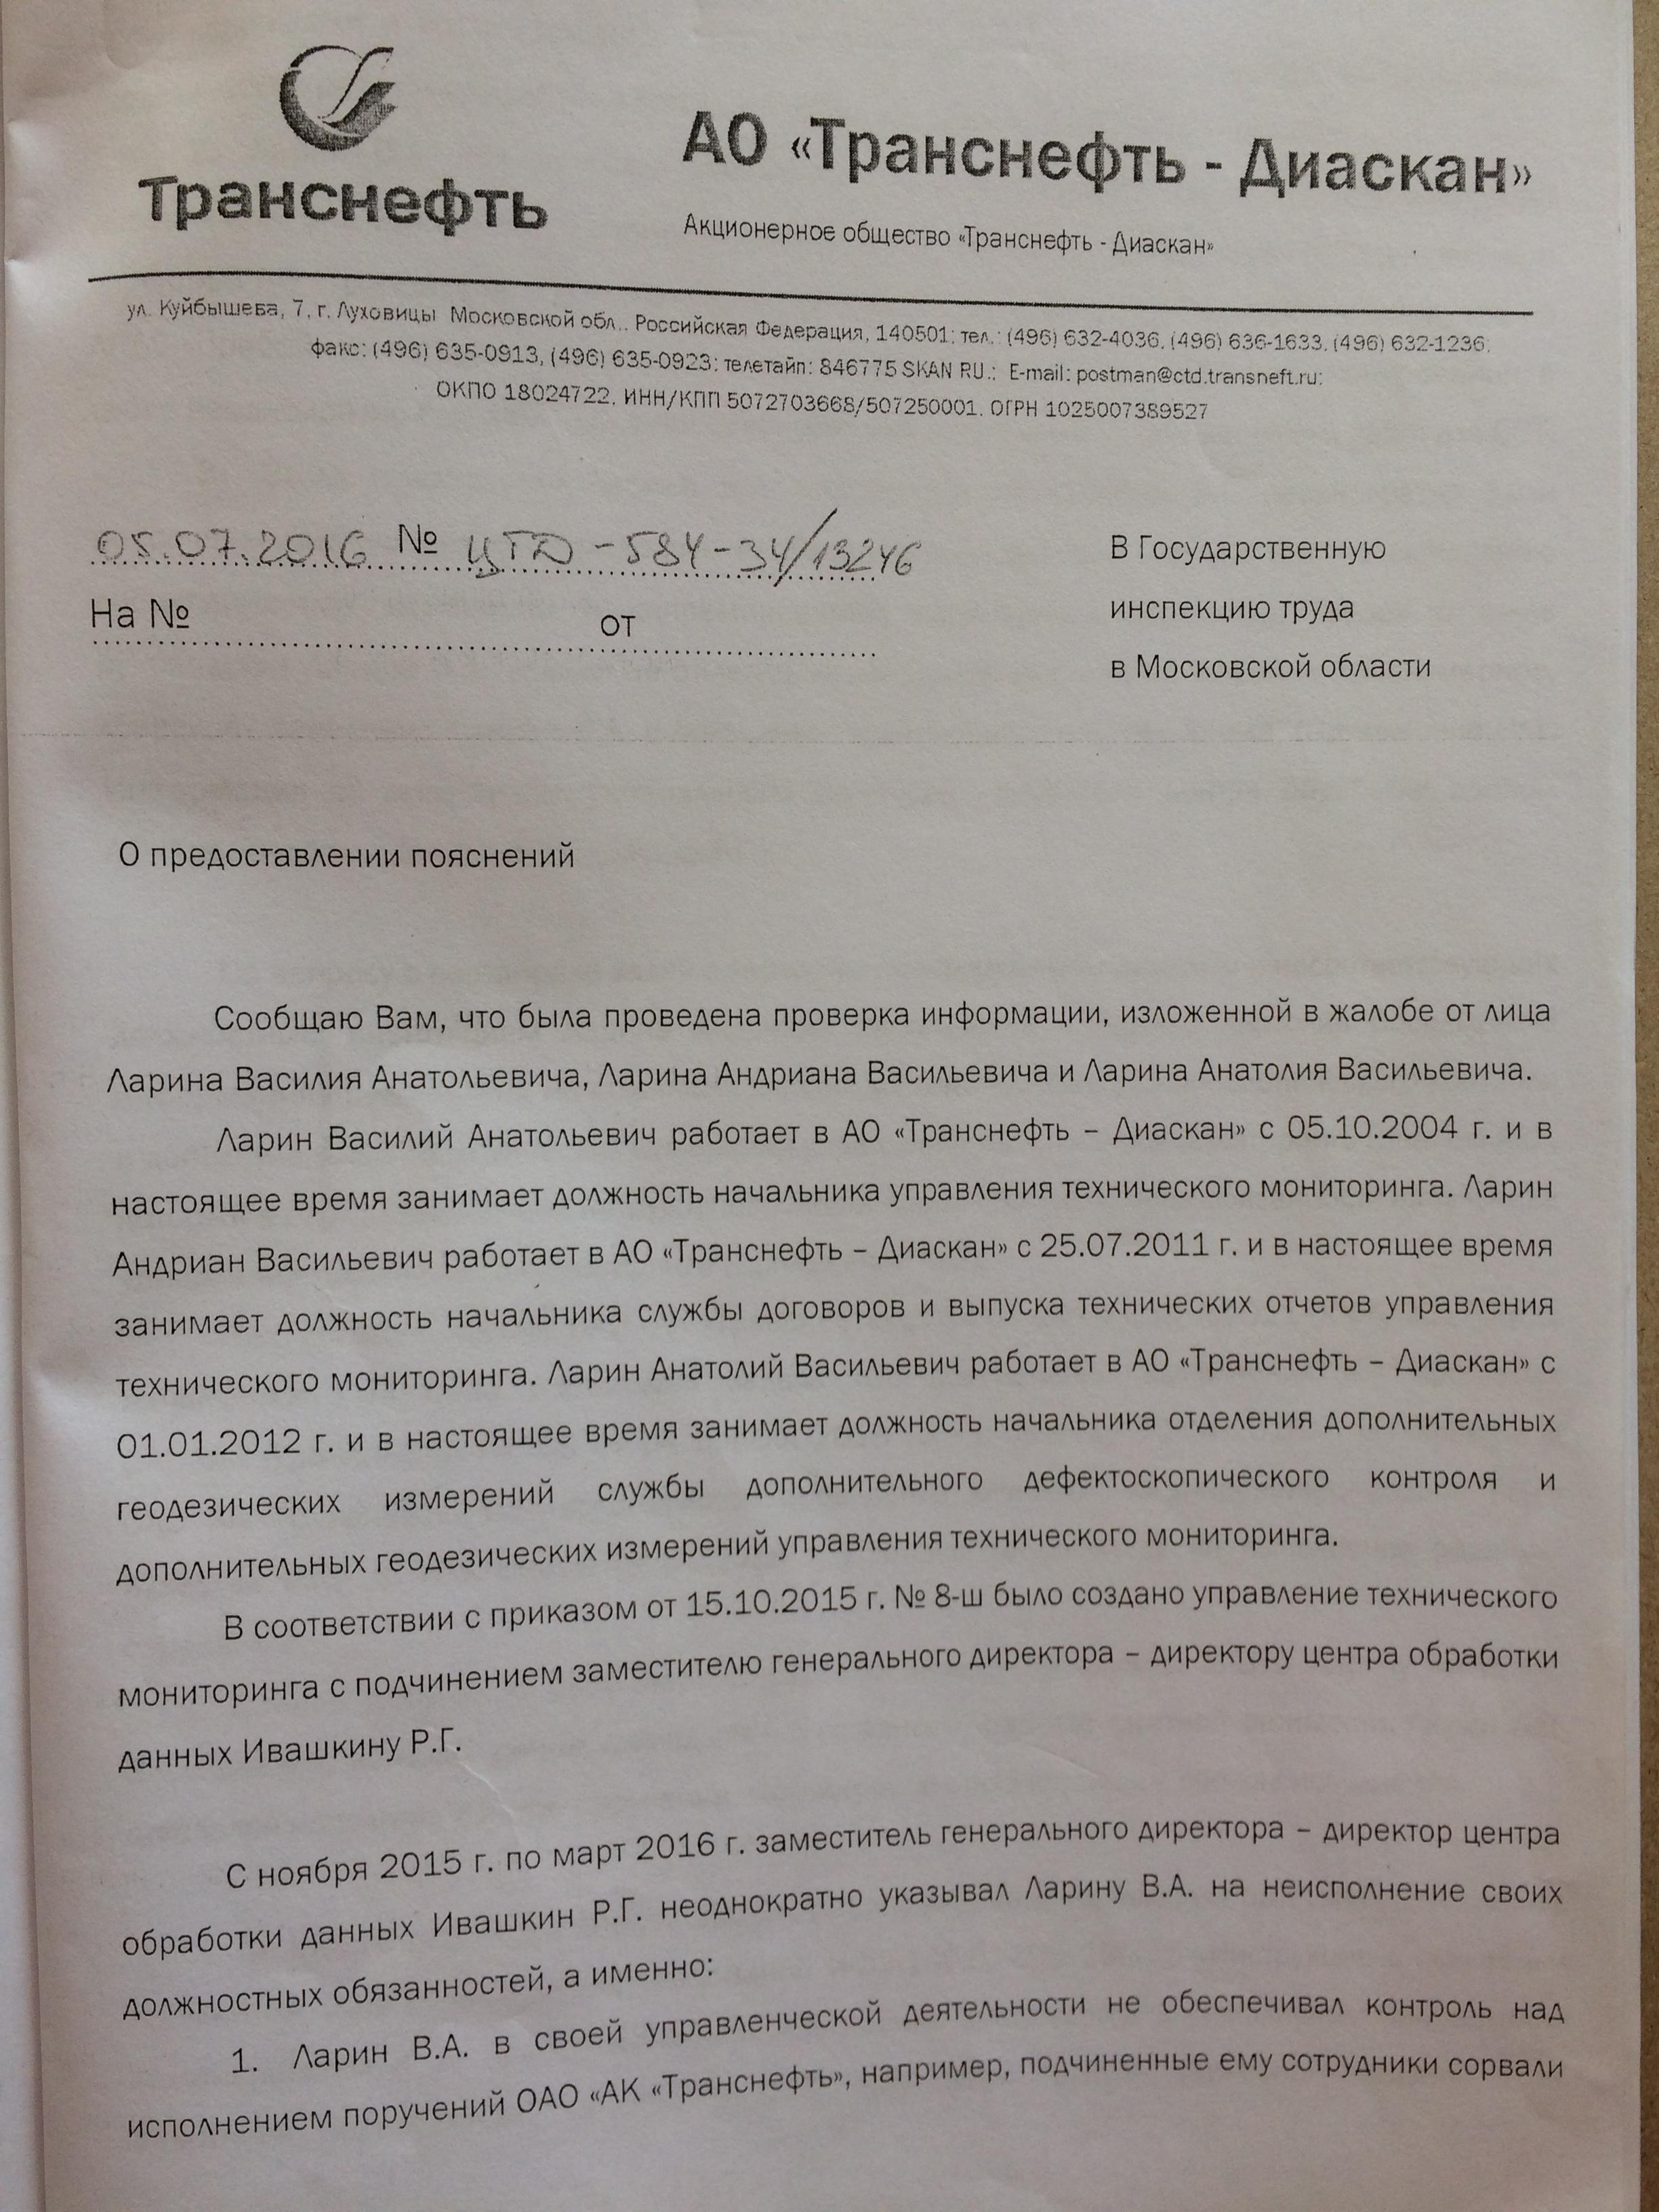 Фото документов проверки Луховицкой городской прокуратурой - 60 (5)